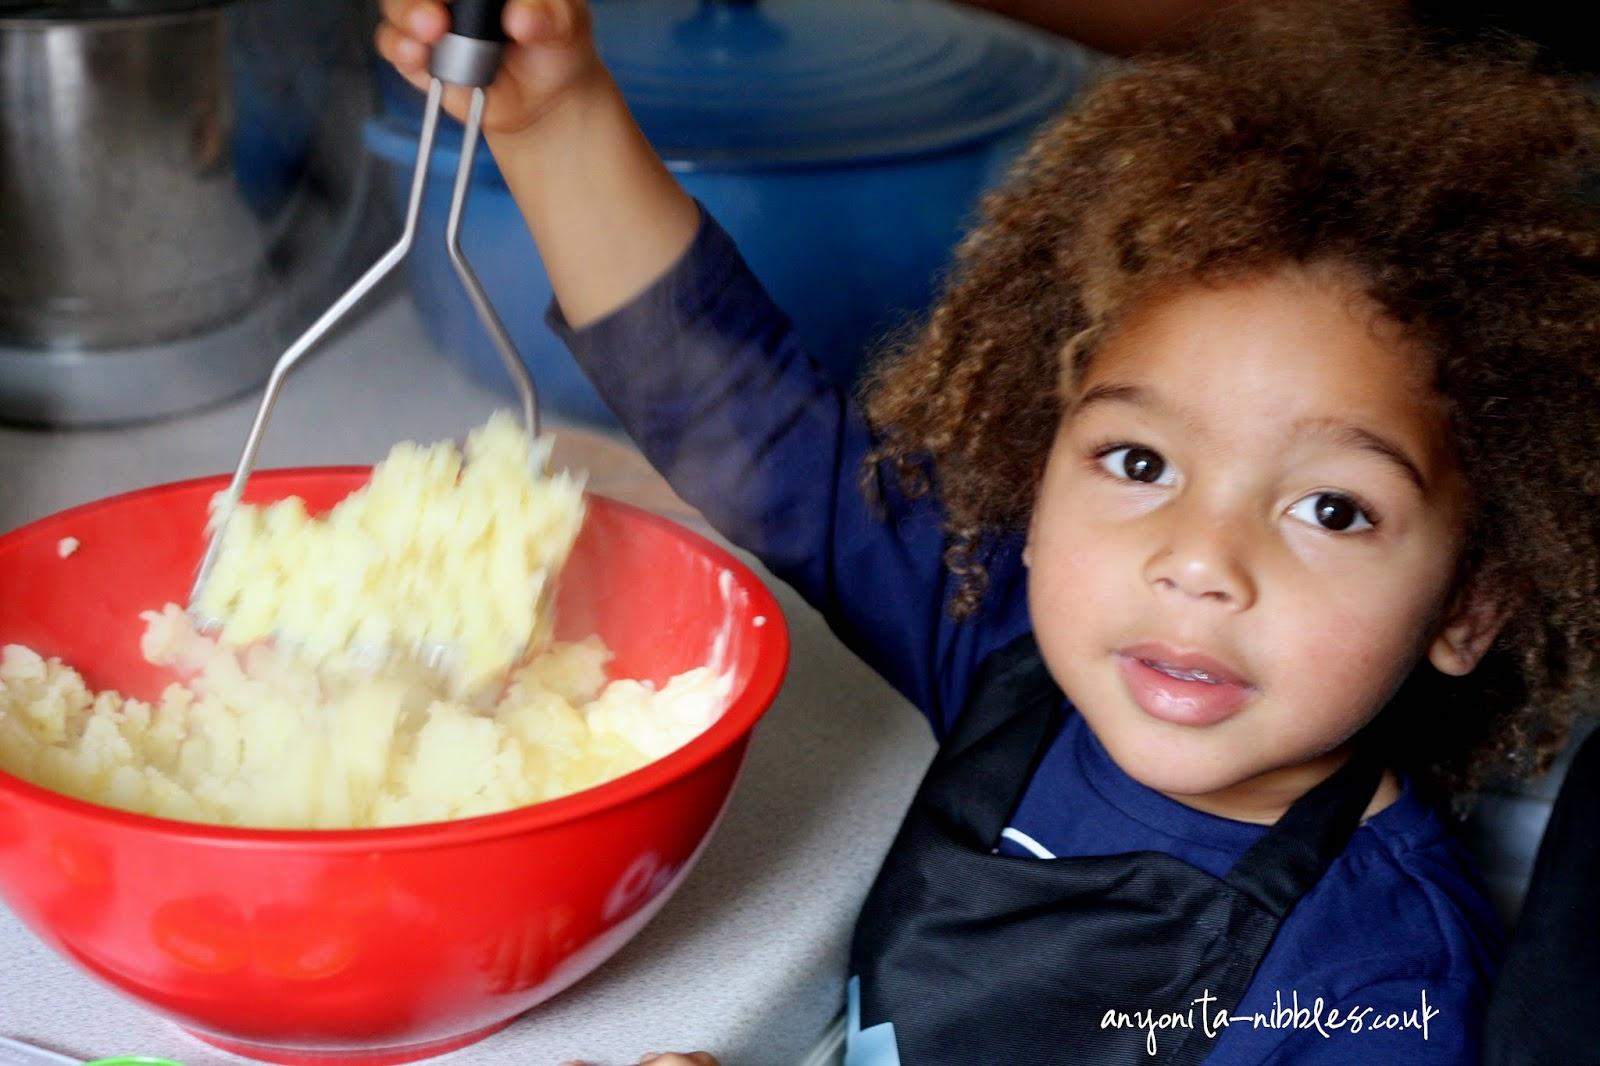 Mashed potato making from anyonita-nibbles.co.uk